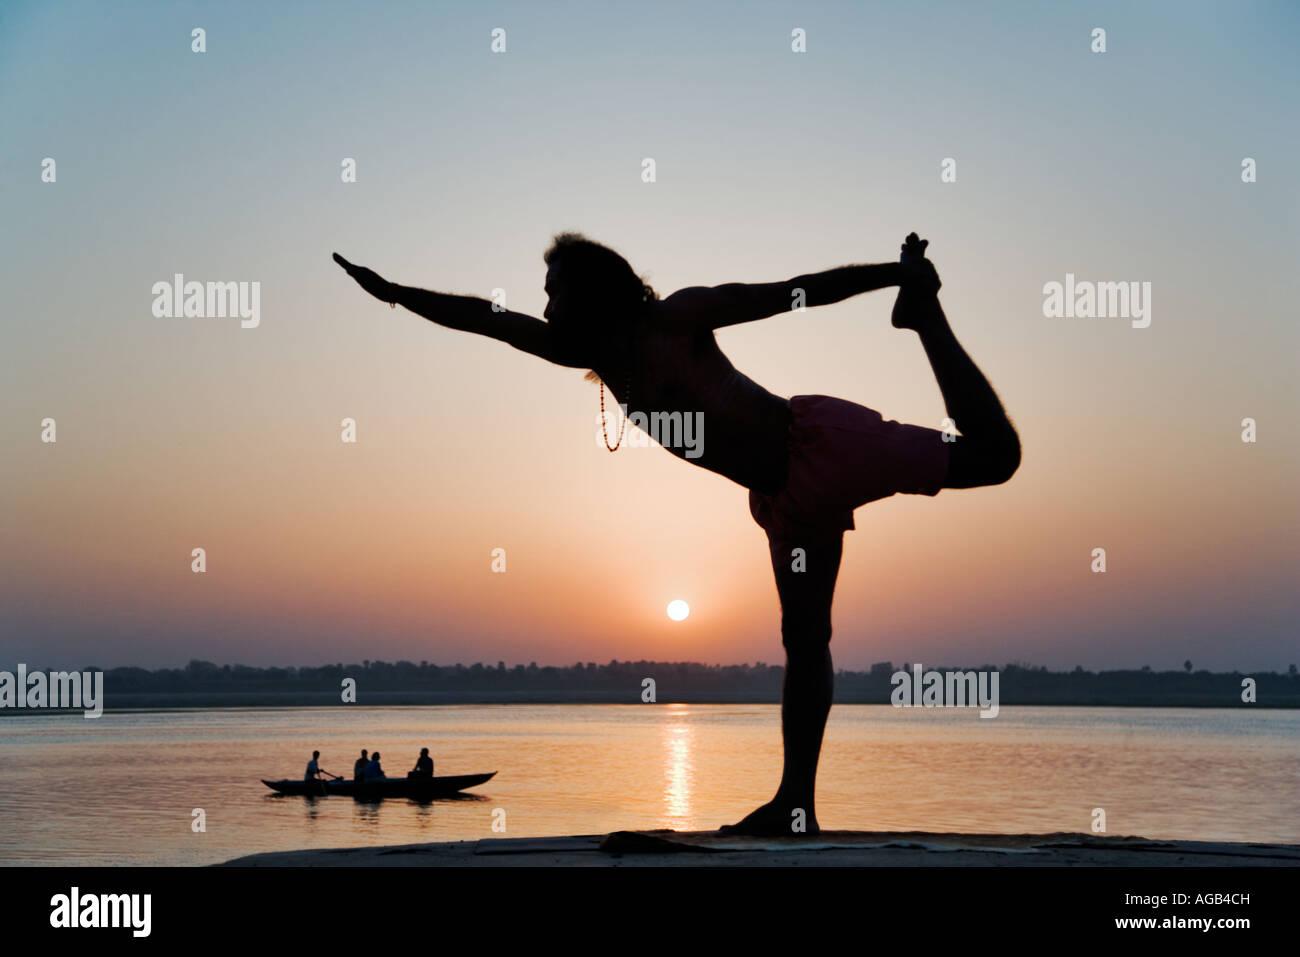 Mundialmente Famoso Maestro Yogui Dr. Rakesh Yogui al amanecer sobre el río Ganges India Foto de stock